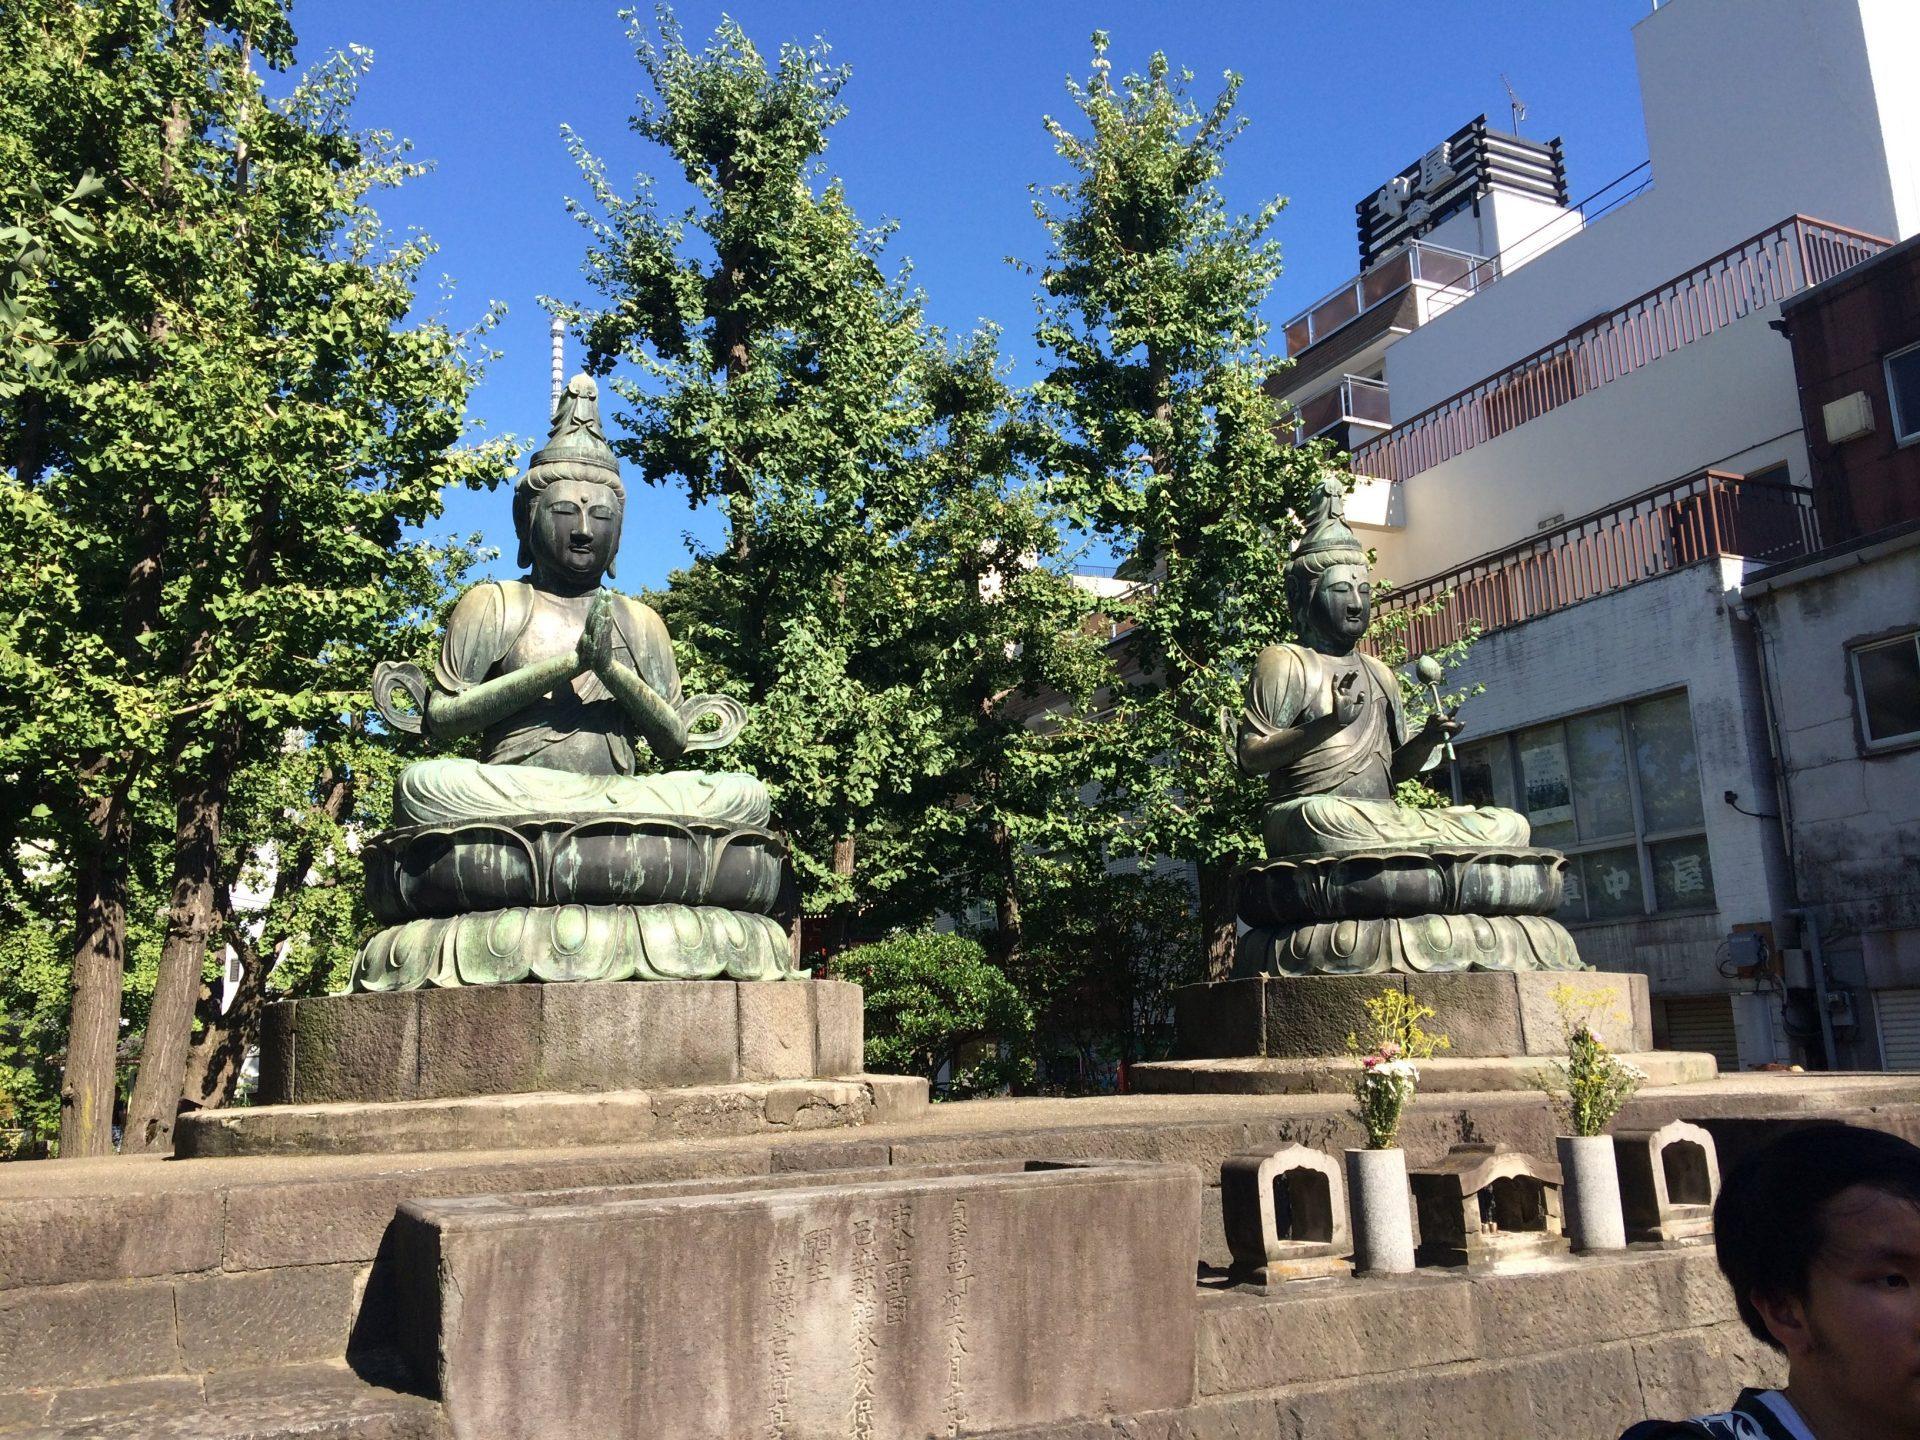 Two Buddha statues at Senso-ji temple